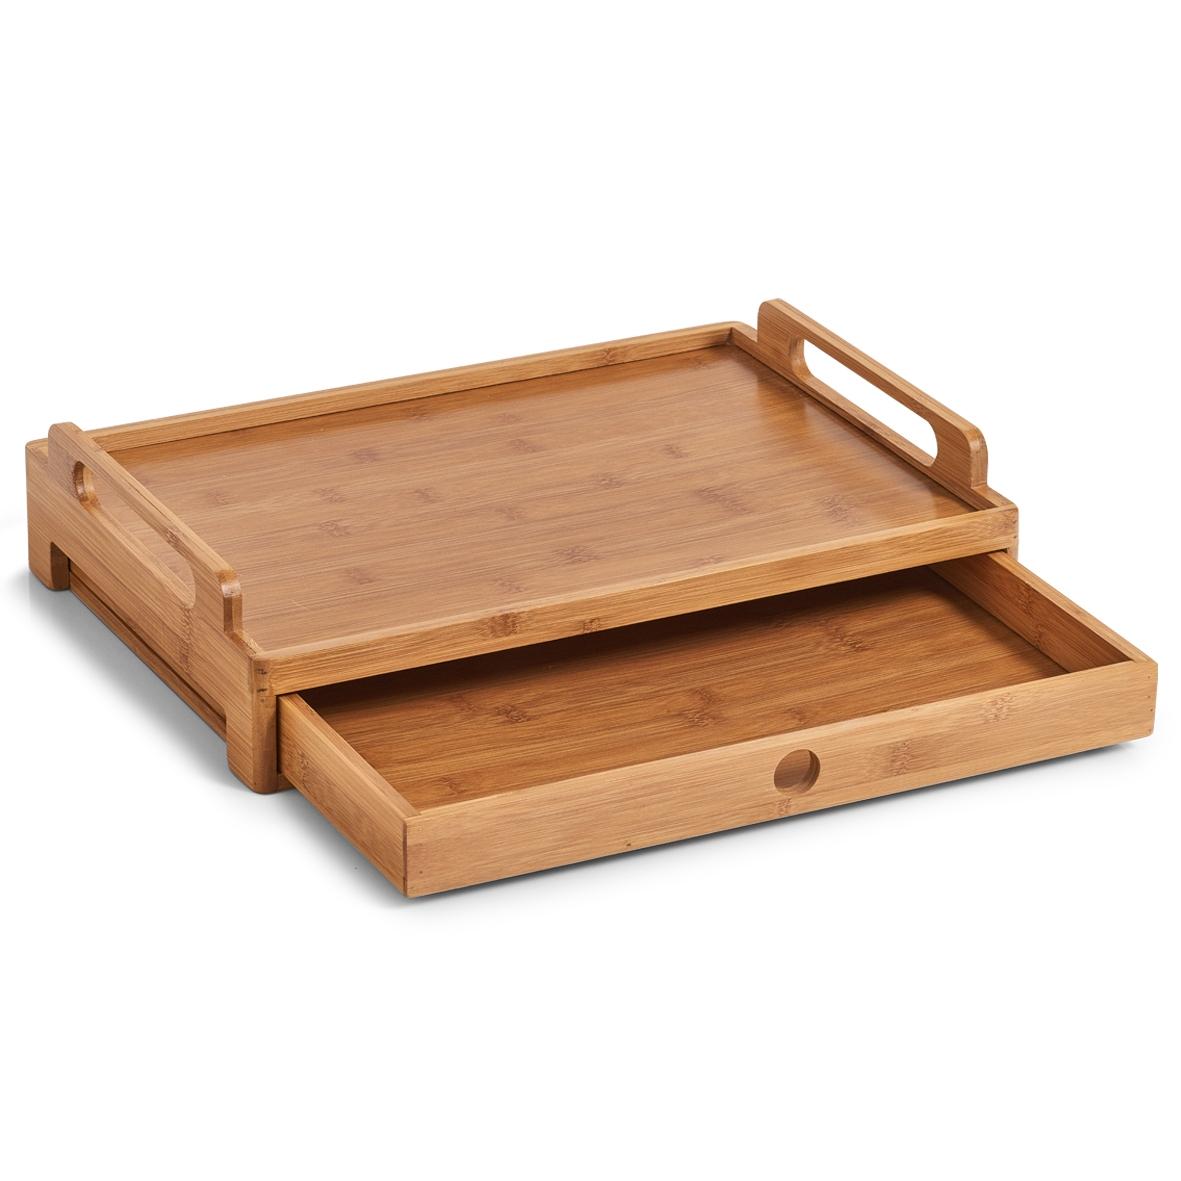 Tava pentru servire cu sertar, Bamboo Natural, l43xA31xH10 cm imagine